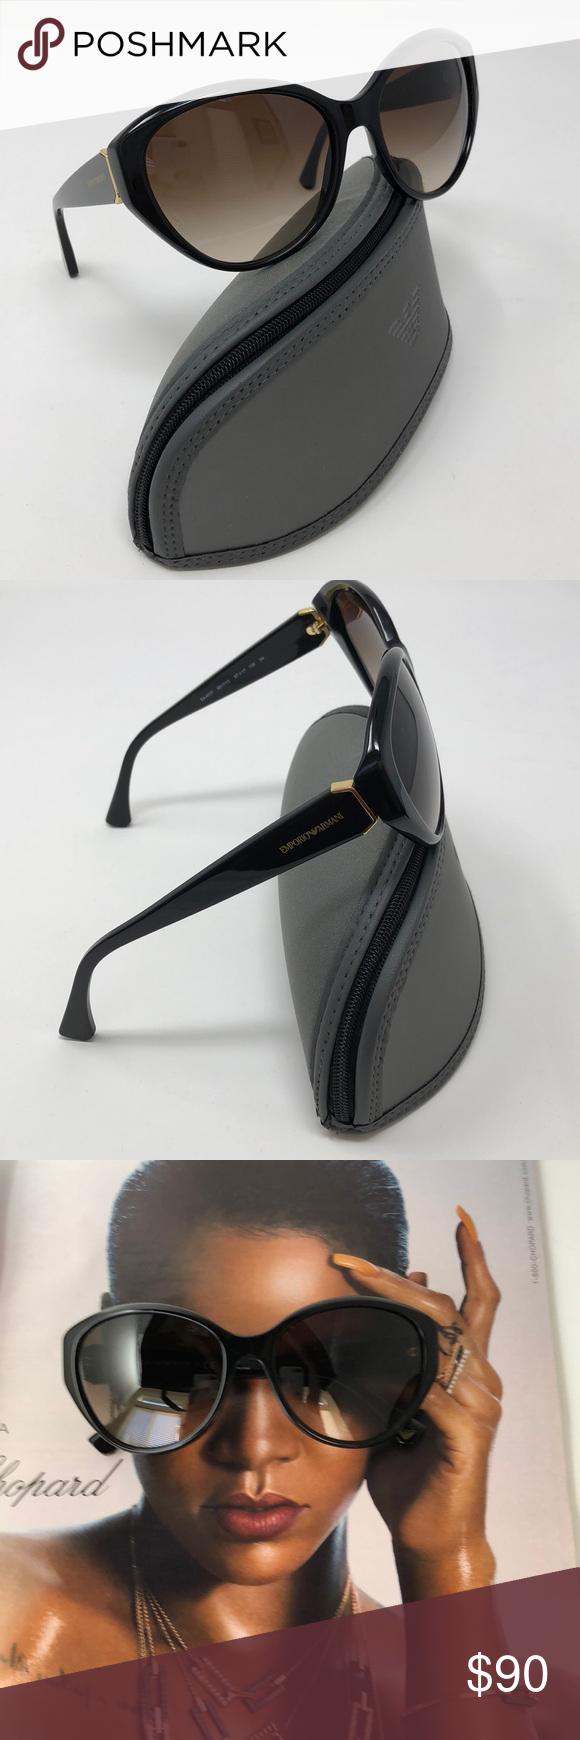 a2e59880bba3 EMPORIO ARMANI Sunglasses Model  EA 4037 100% Authentic EMPORIO ARMANI  Sunglasses Model  EA